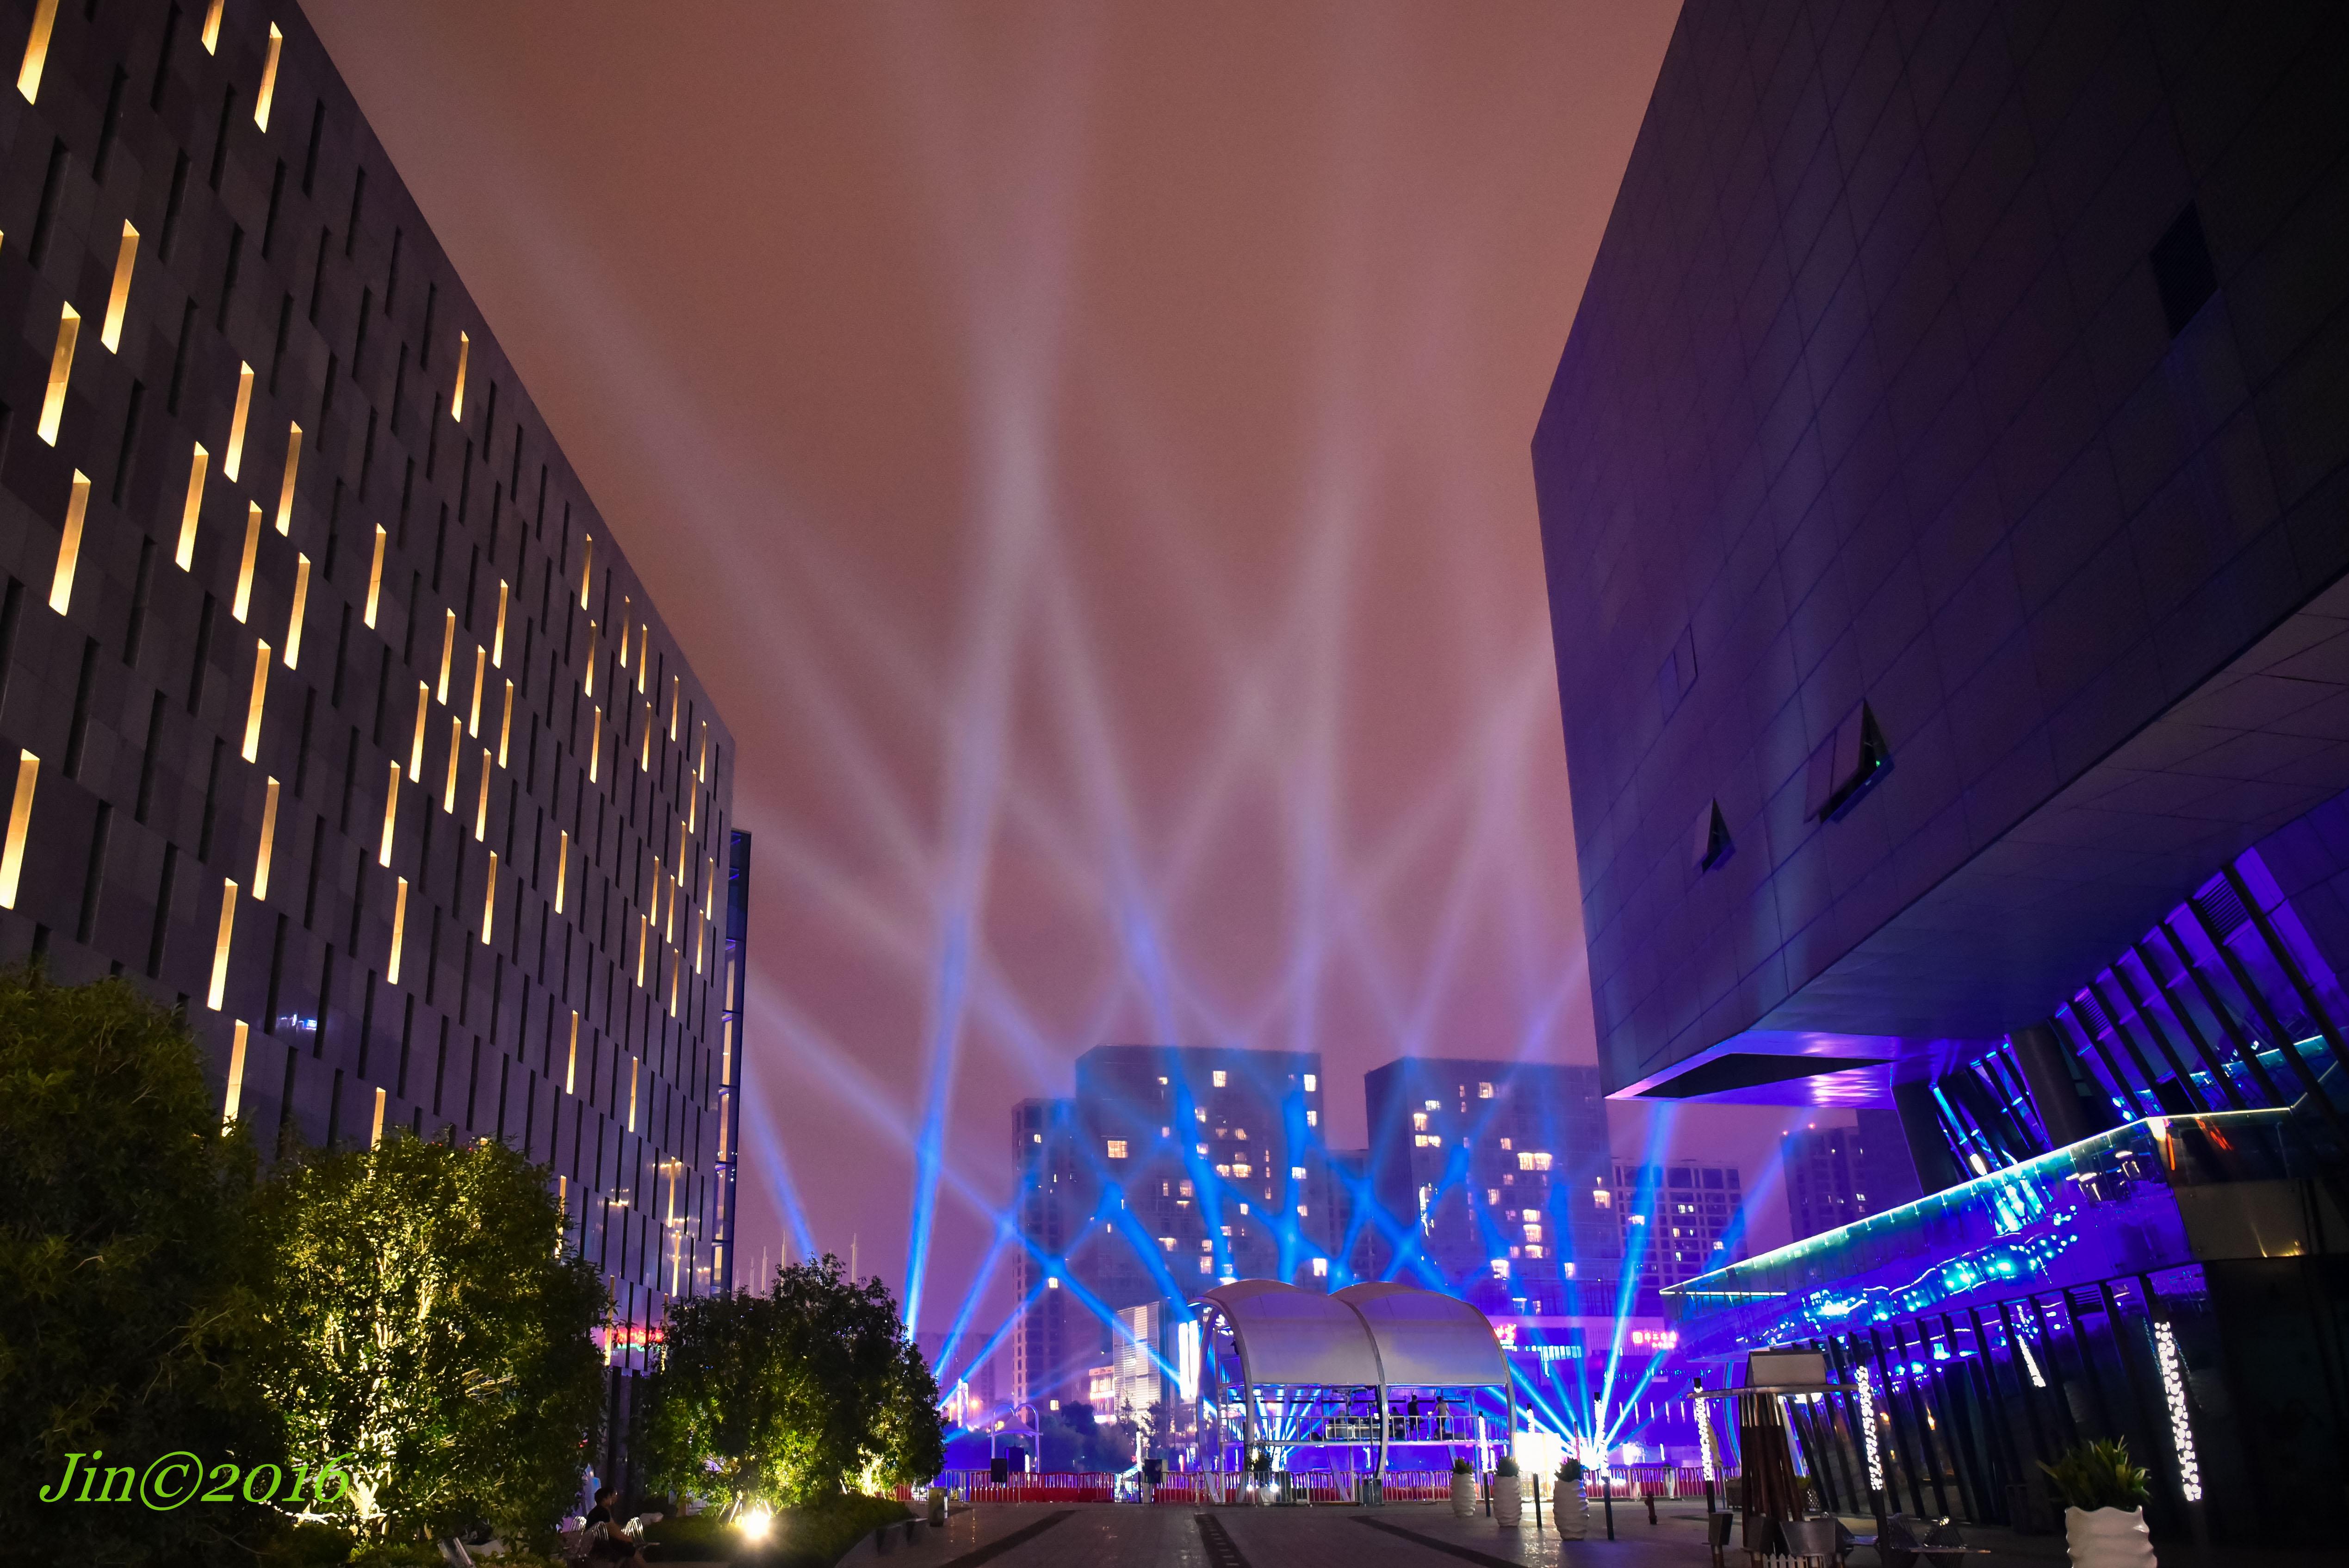 文化广场夜景